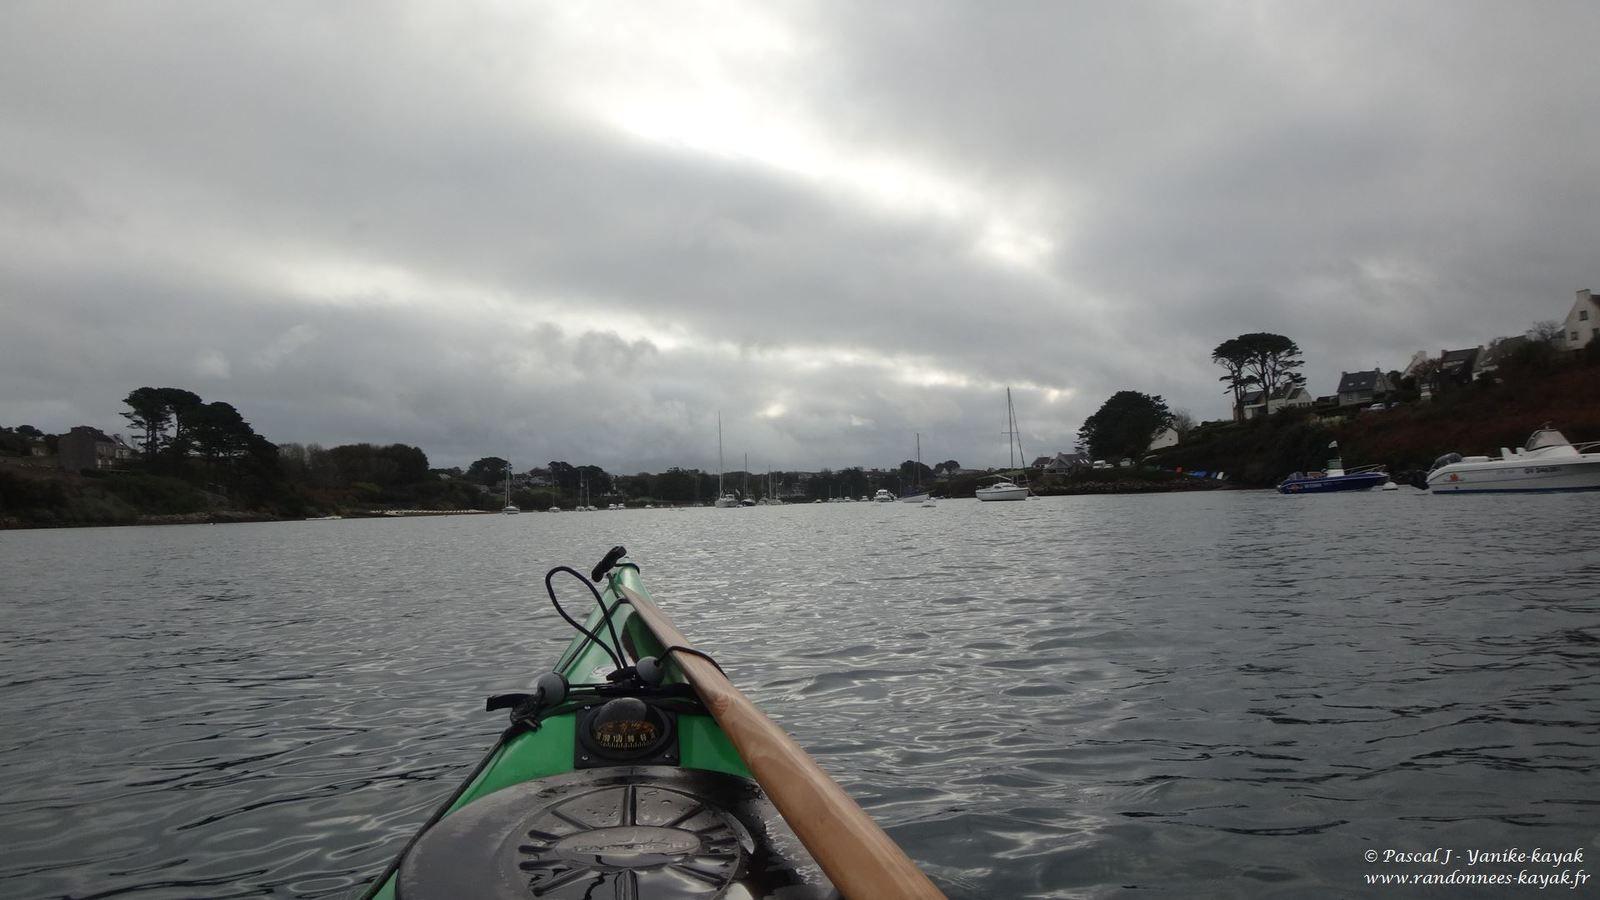 Des Abers et des Iles ... Quand la marée s'immisce dans des écrins de verdure (2/2)